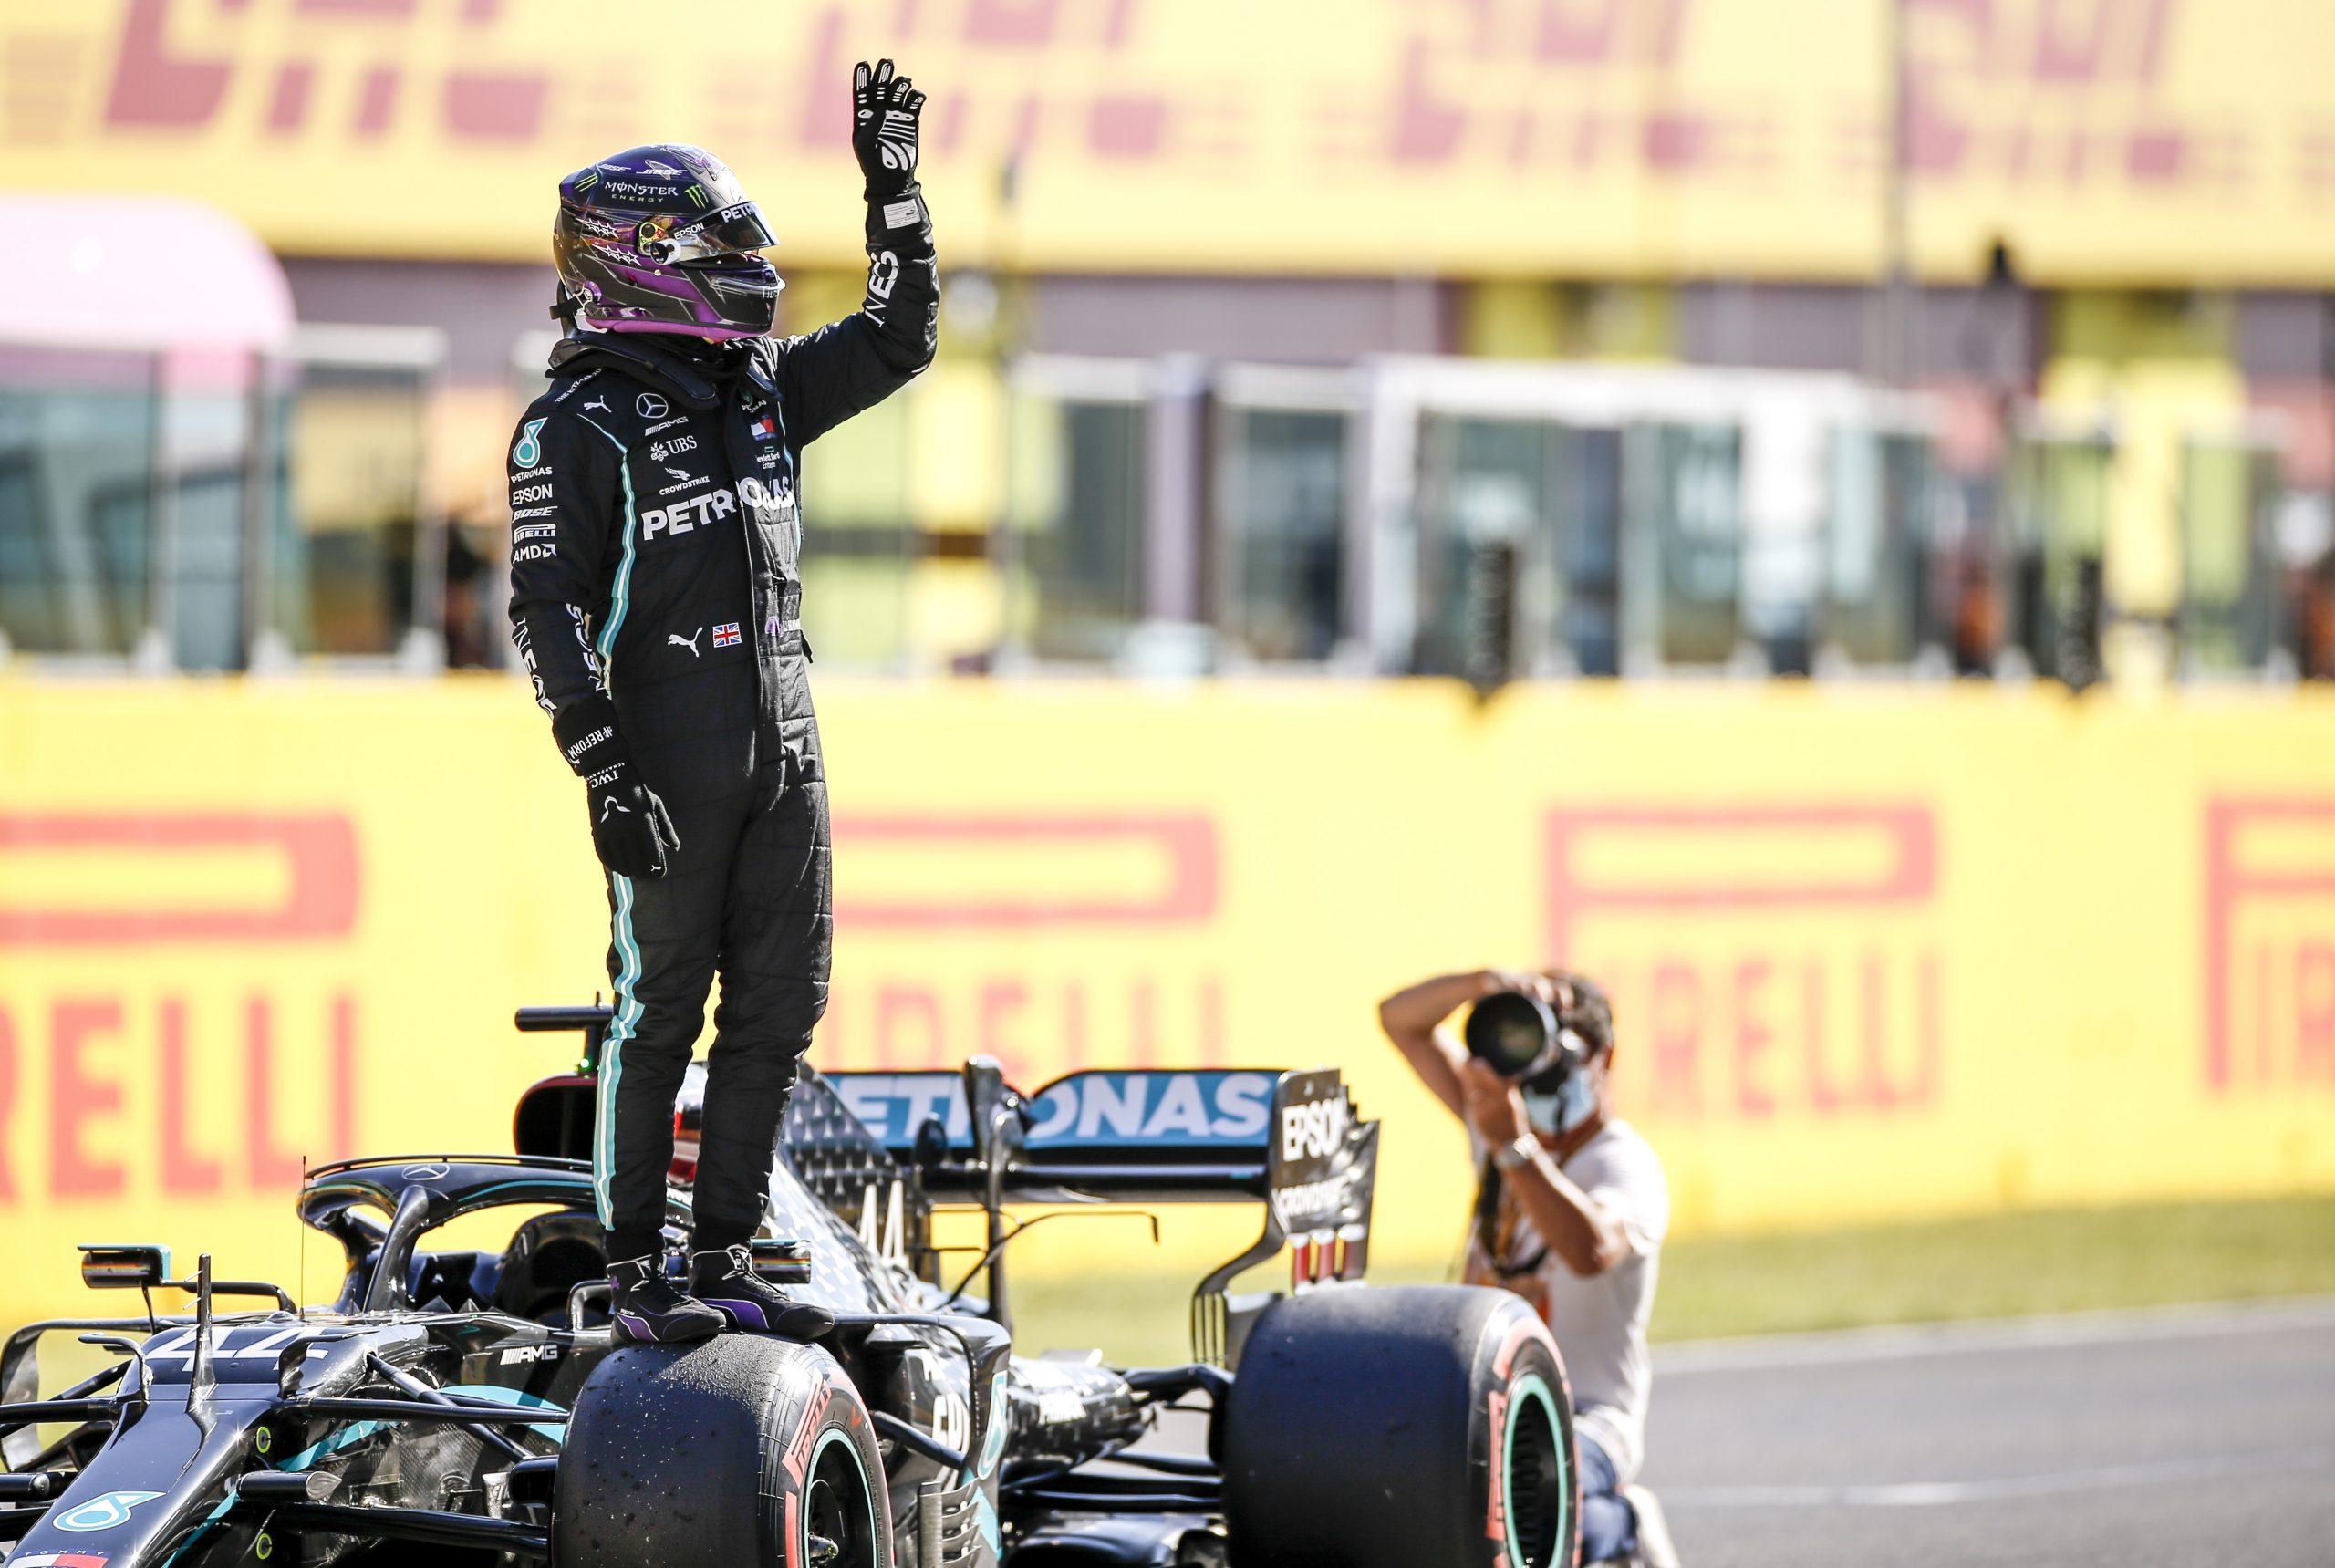 Lewis Hamilton op zijn F1-auto op Mugello tijdens GP van Toscane